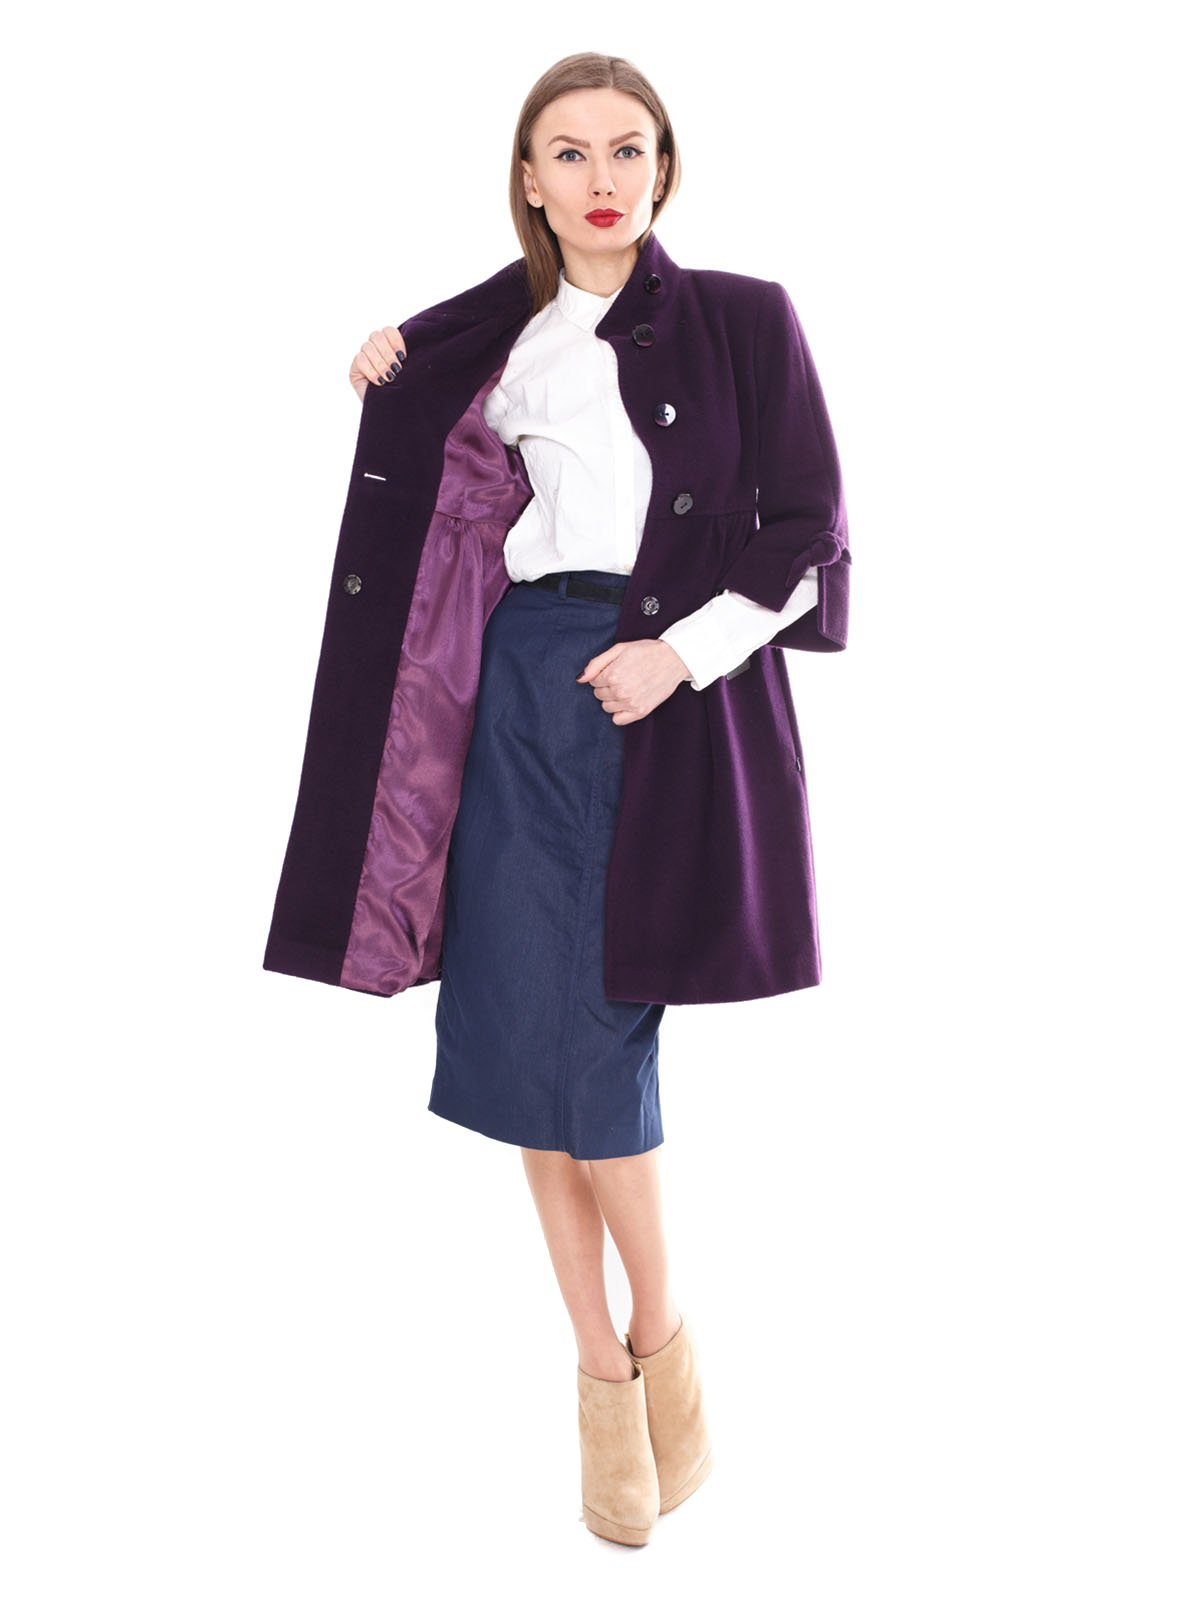 Пальто фиолетовое | 2083659 | фото 2